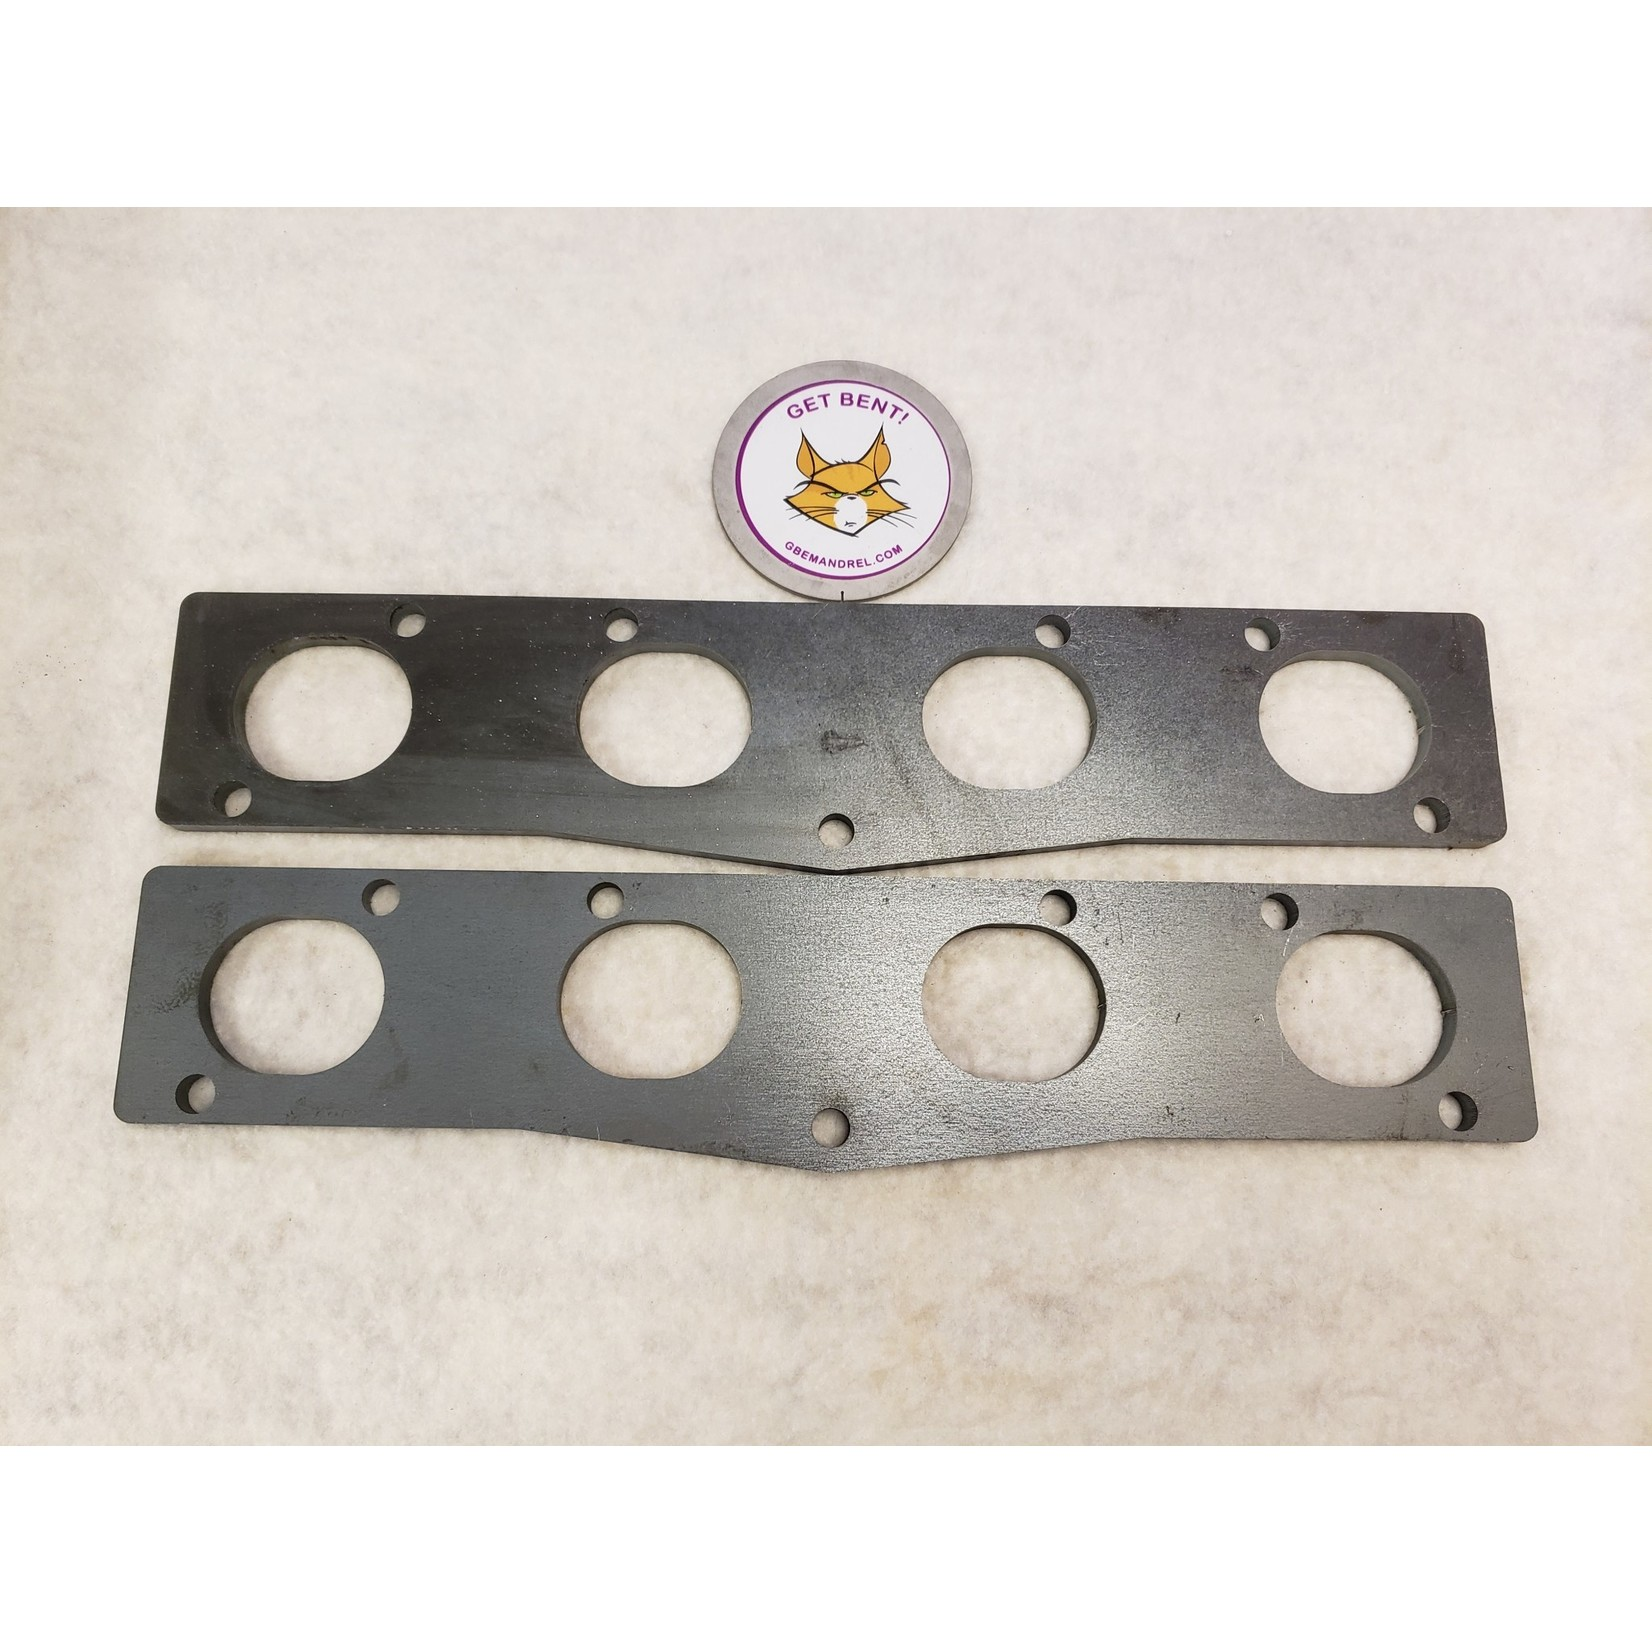 GBE MOPAR EARLY HEMI 331-392 STEEL HEADER FLANGES